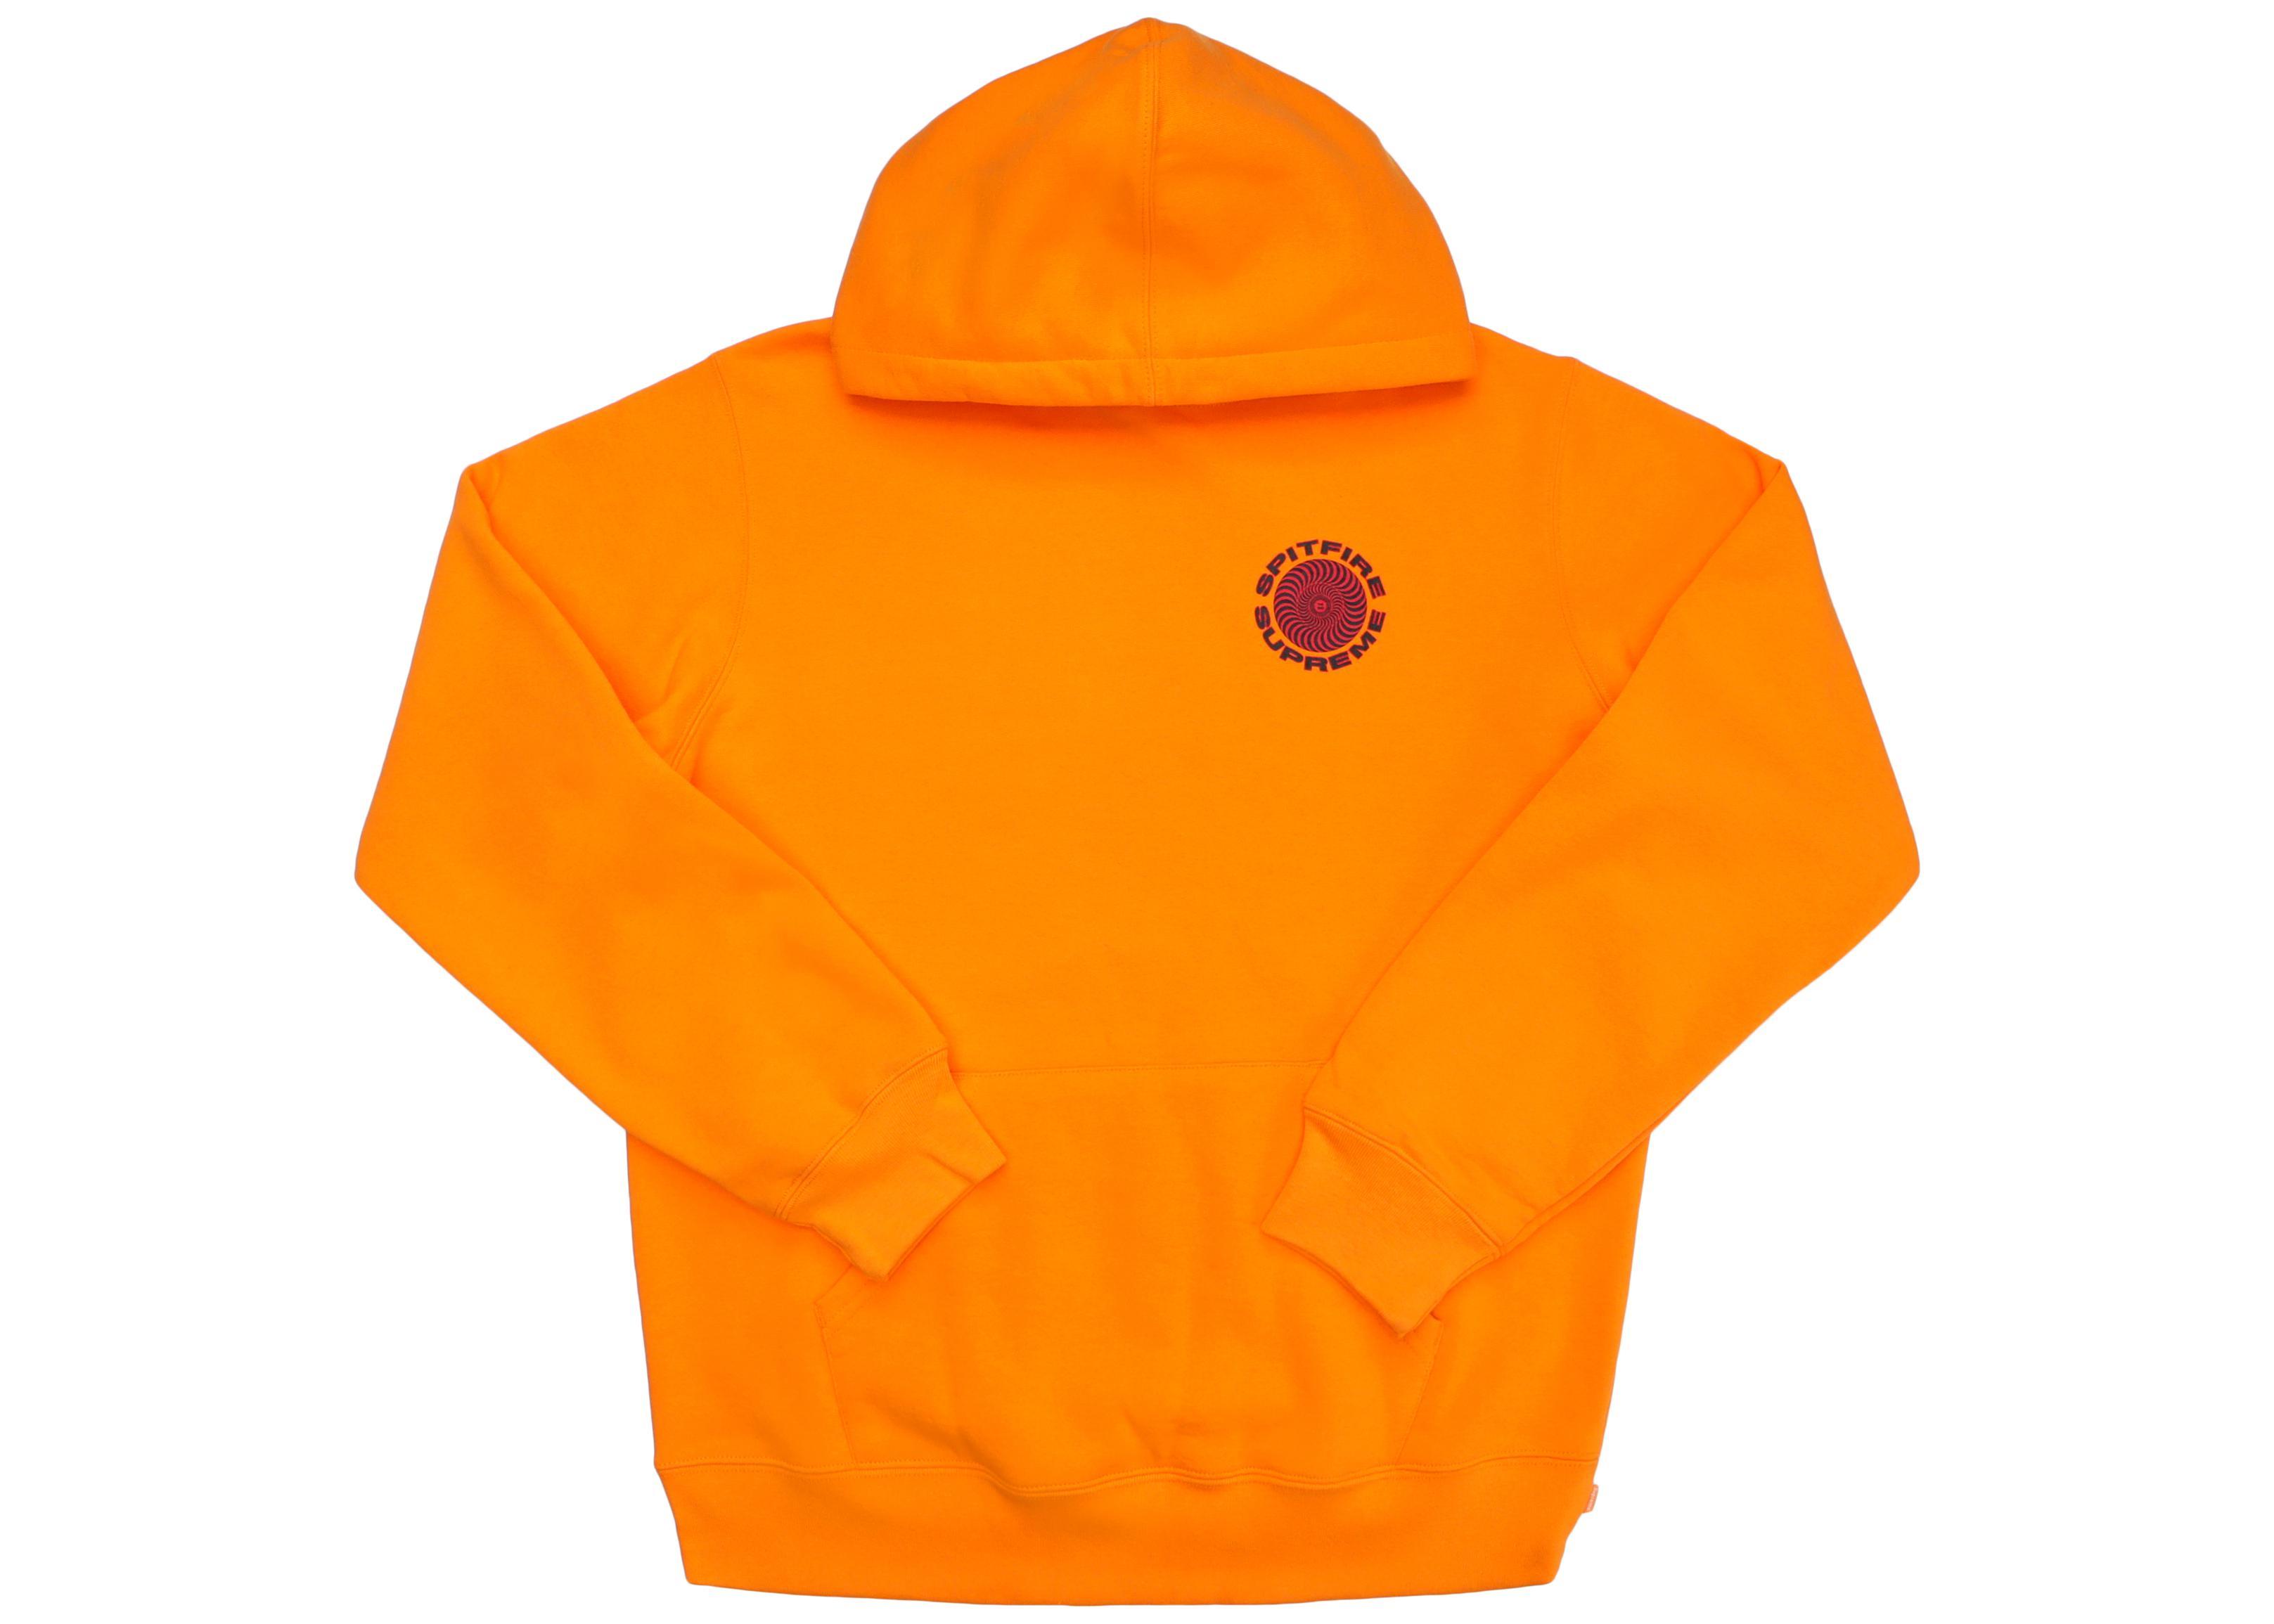 2de4bf599798 Lyst - Supreme Spitfire Hooded Sweatshirt Bright Orange in Orange ...